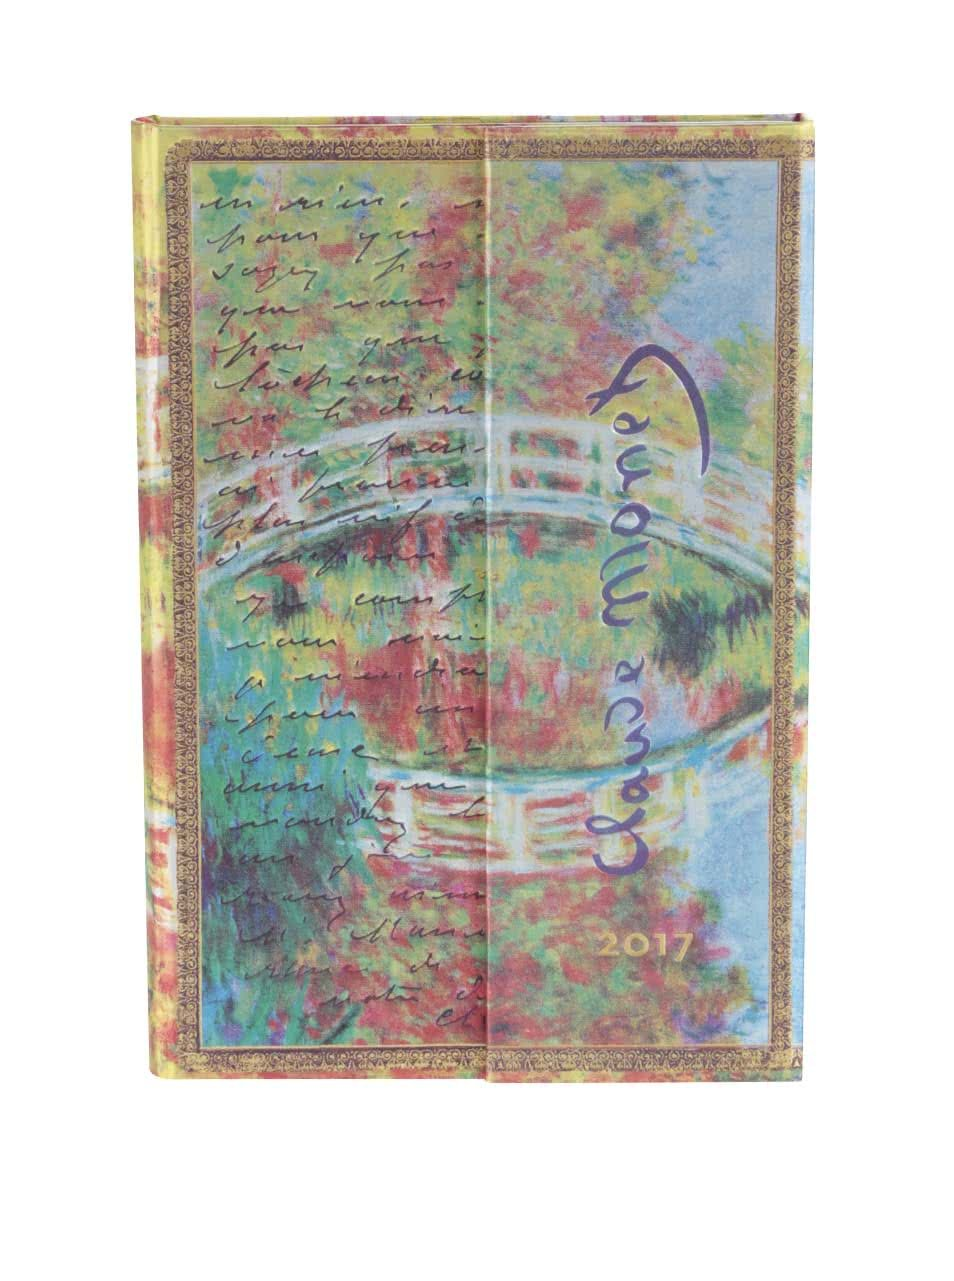 Modro-zelený diář na rok 2017 Paperblanks Monet Letter to Morisot Mini